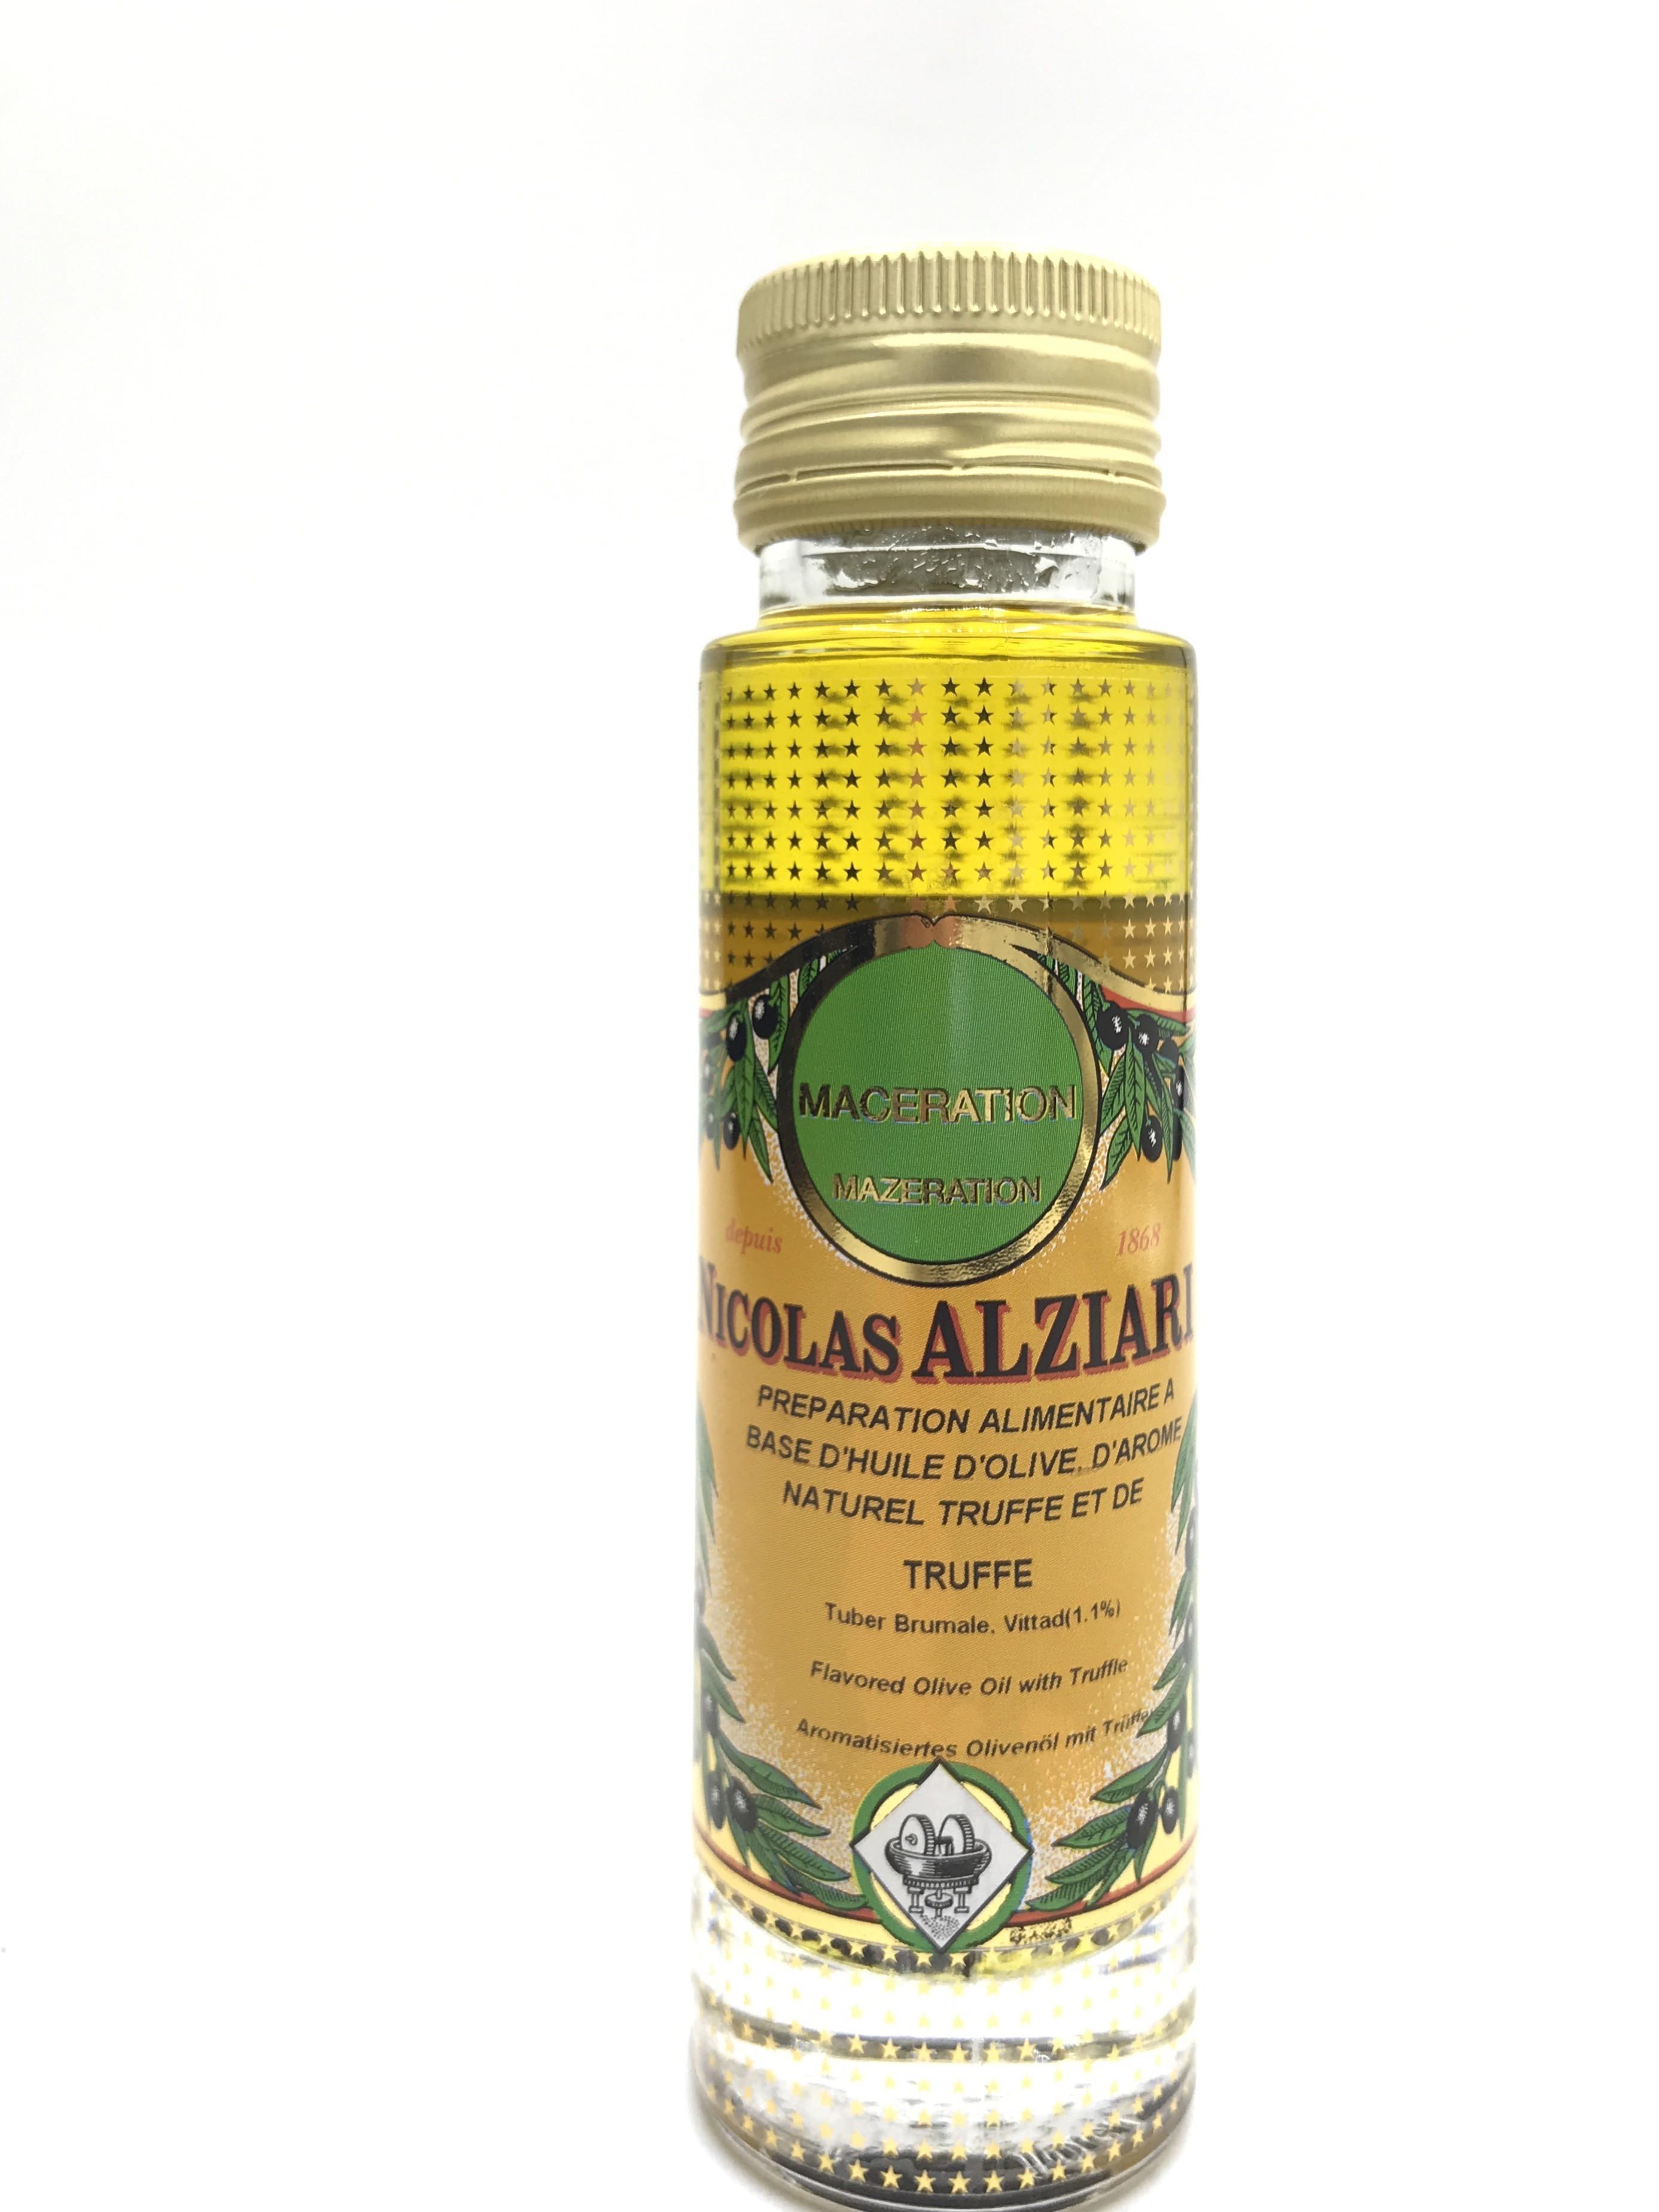 Préparation alimentaire à base d'huile d'olive, huile aromatisée et Truffe (tuber brumale 1,1%) 100 ml